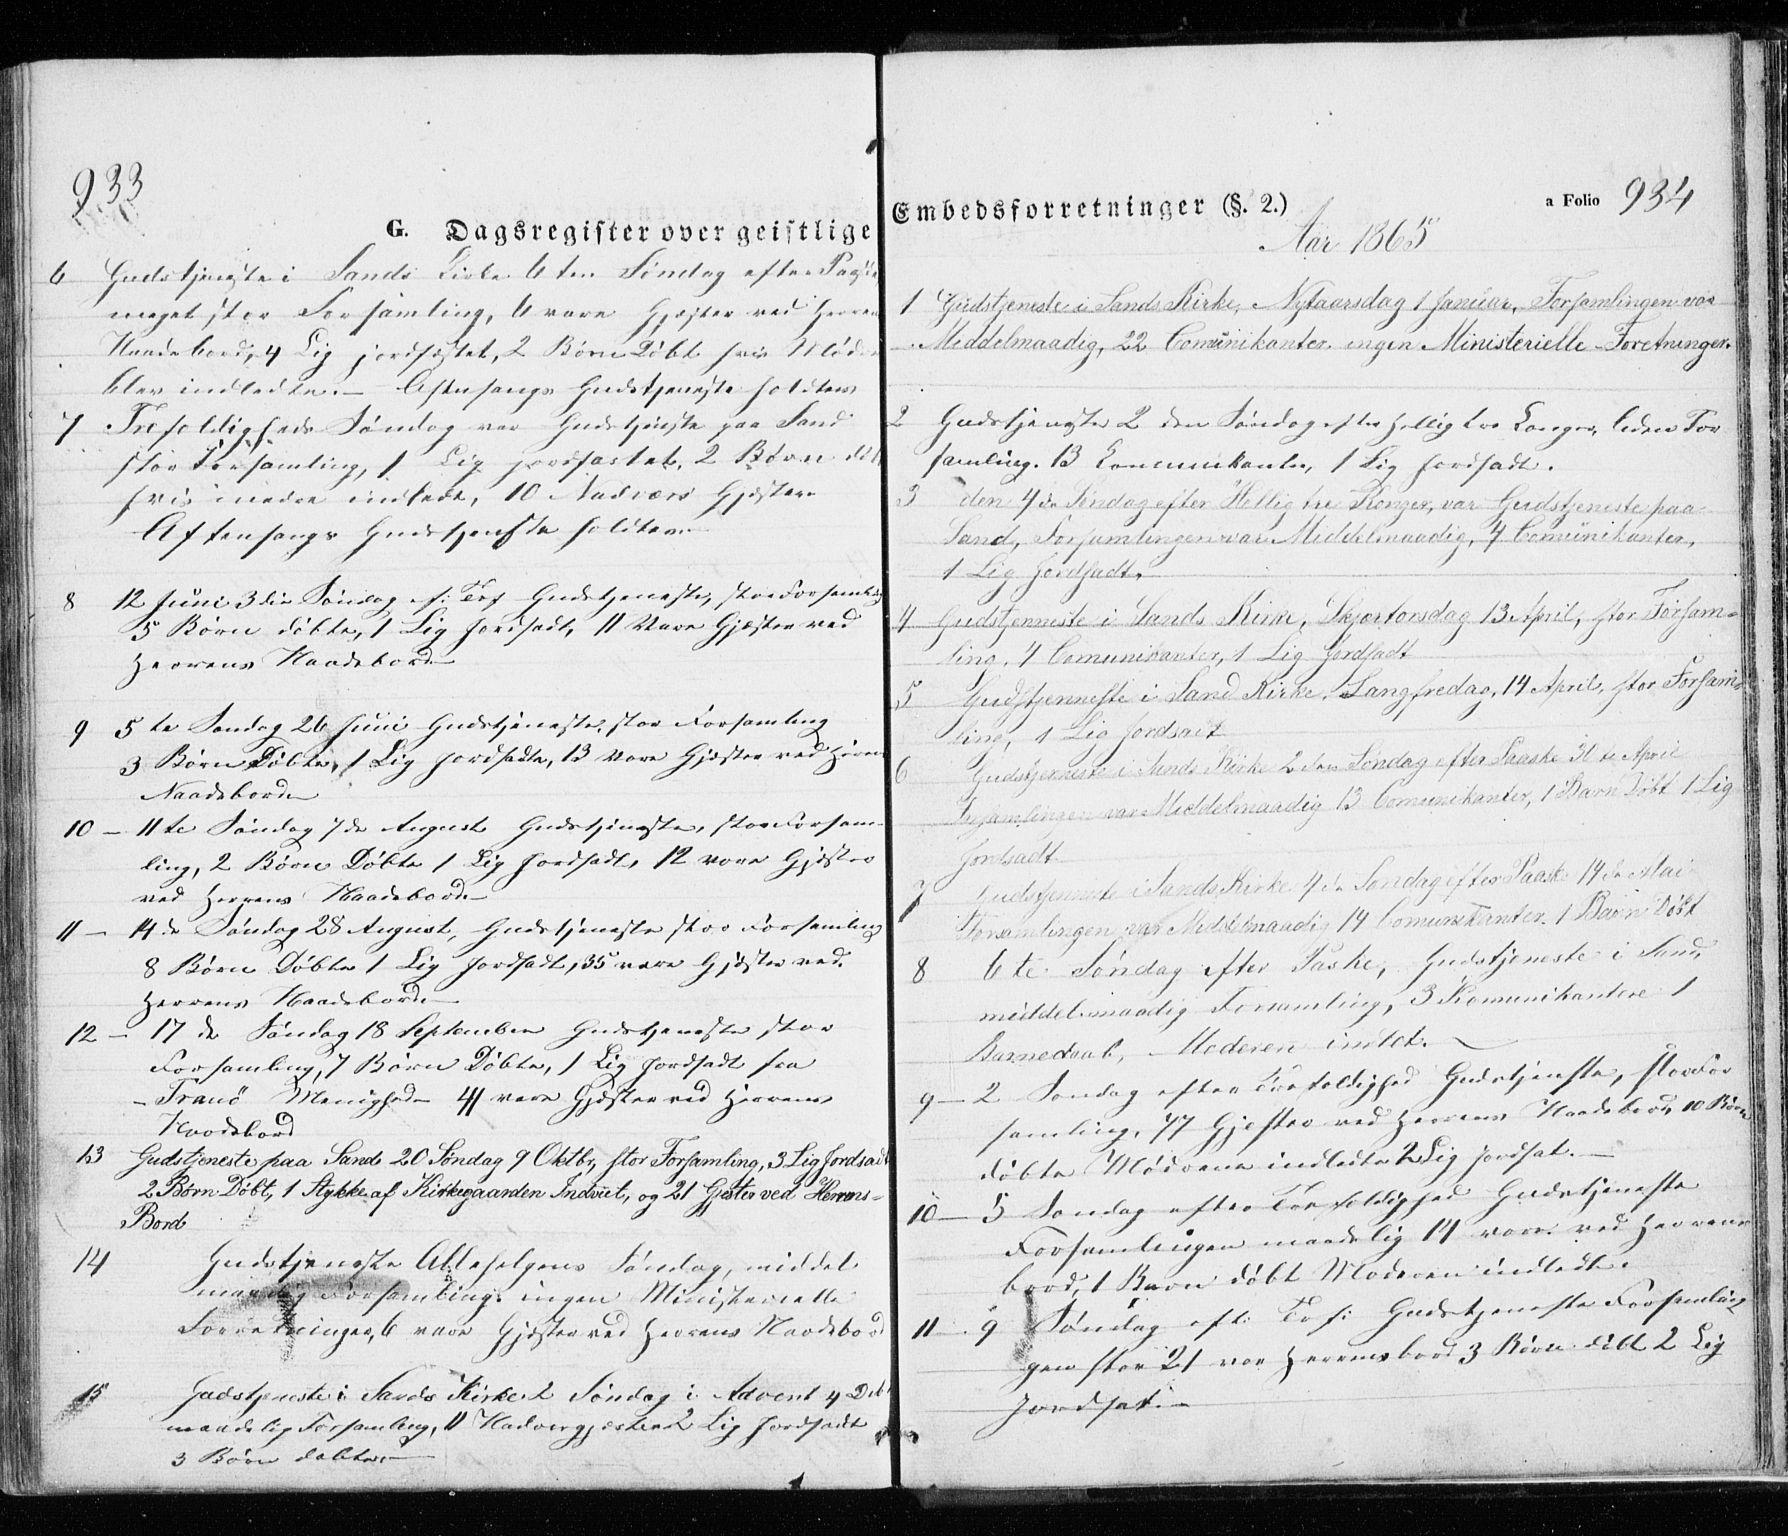 SATØ, Trondenes sokneprestkontor, H/Ha/L0010kirke: Ministerialbok nr. 10, 1840-1865, s. 933-934